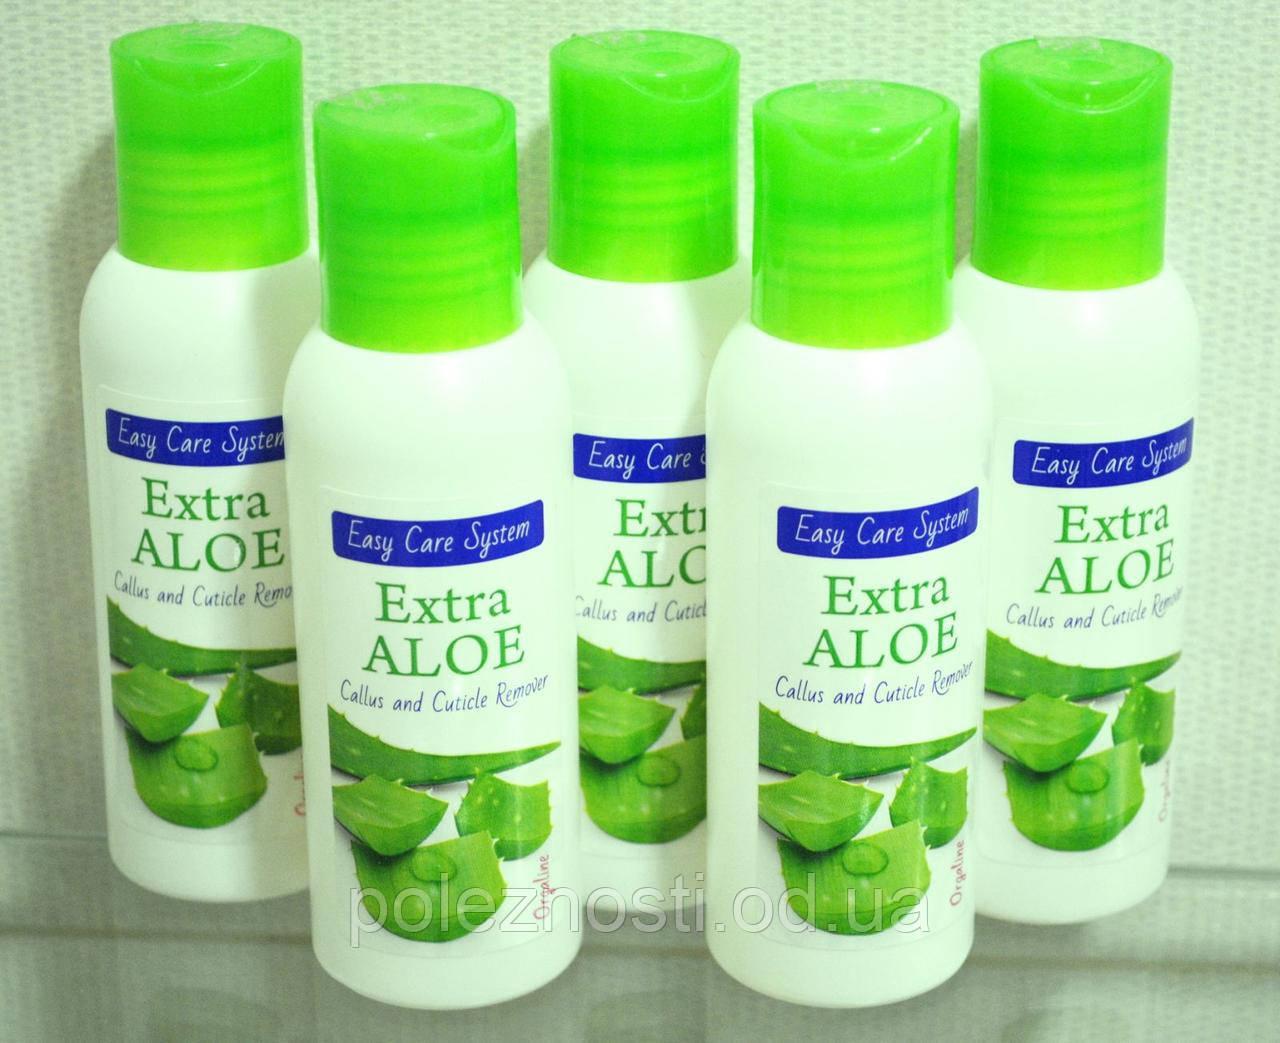 Гель для аквапилинга Exta Aloe (100 ml), биогель с увеличенным содержанием алоэ вера для биопедикюра